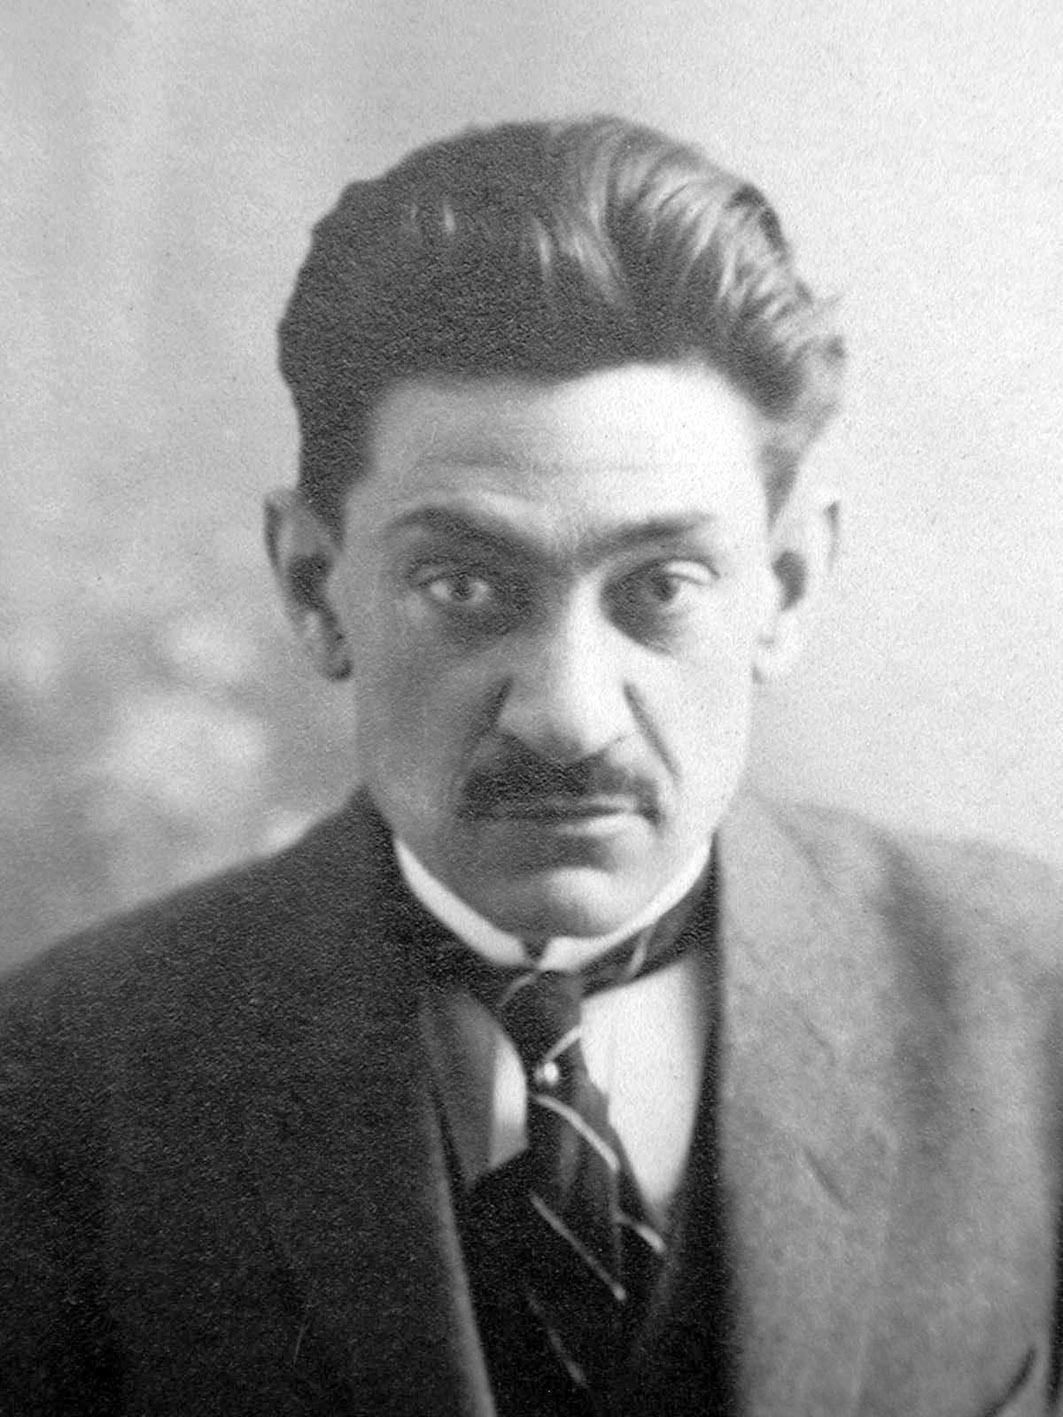 Dmitri Dontsov